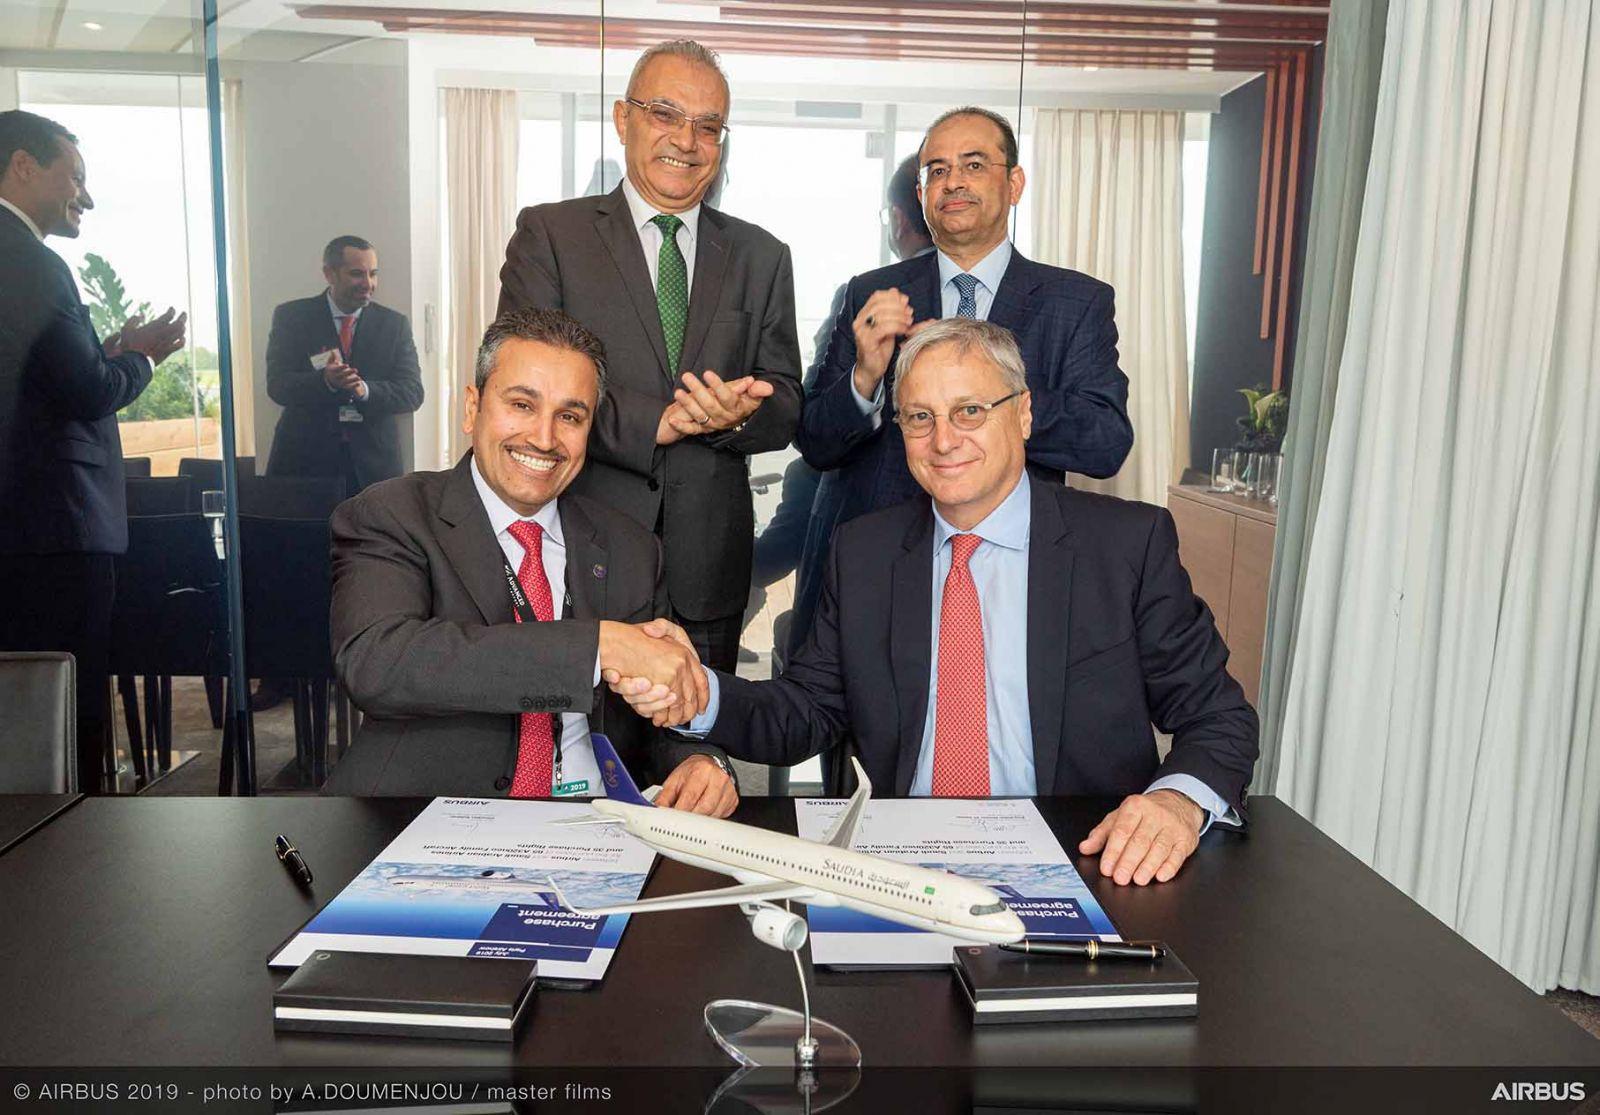 Le Bourget 2019 - Saudi Arabian Airlines ще увеличи флота си от самолети A320neo до 100 броя